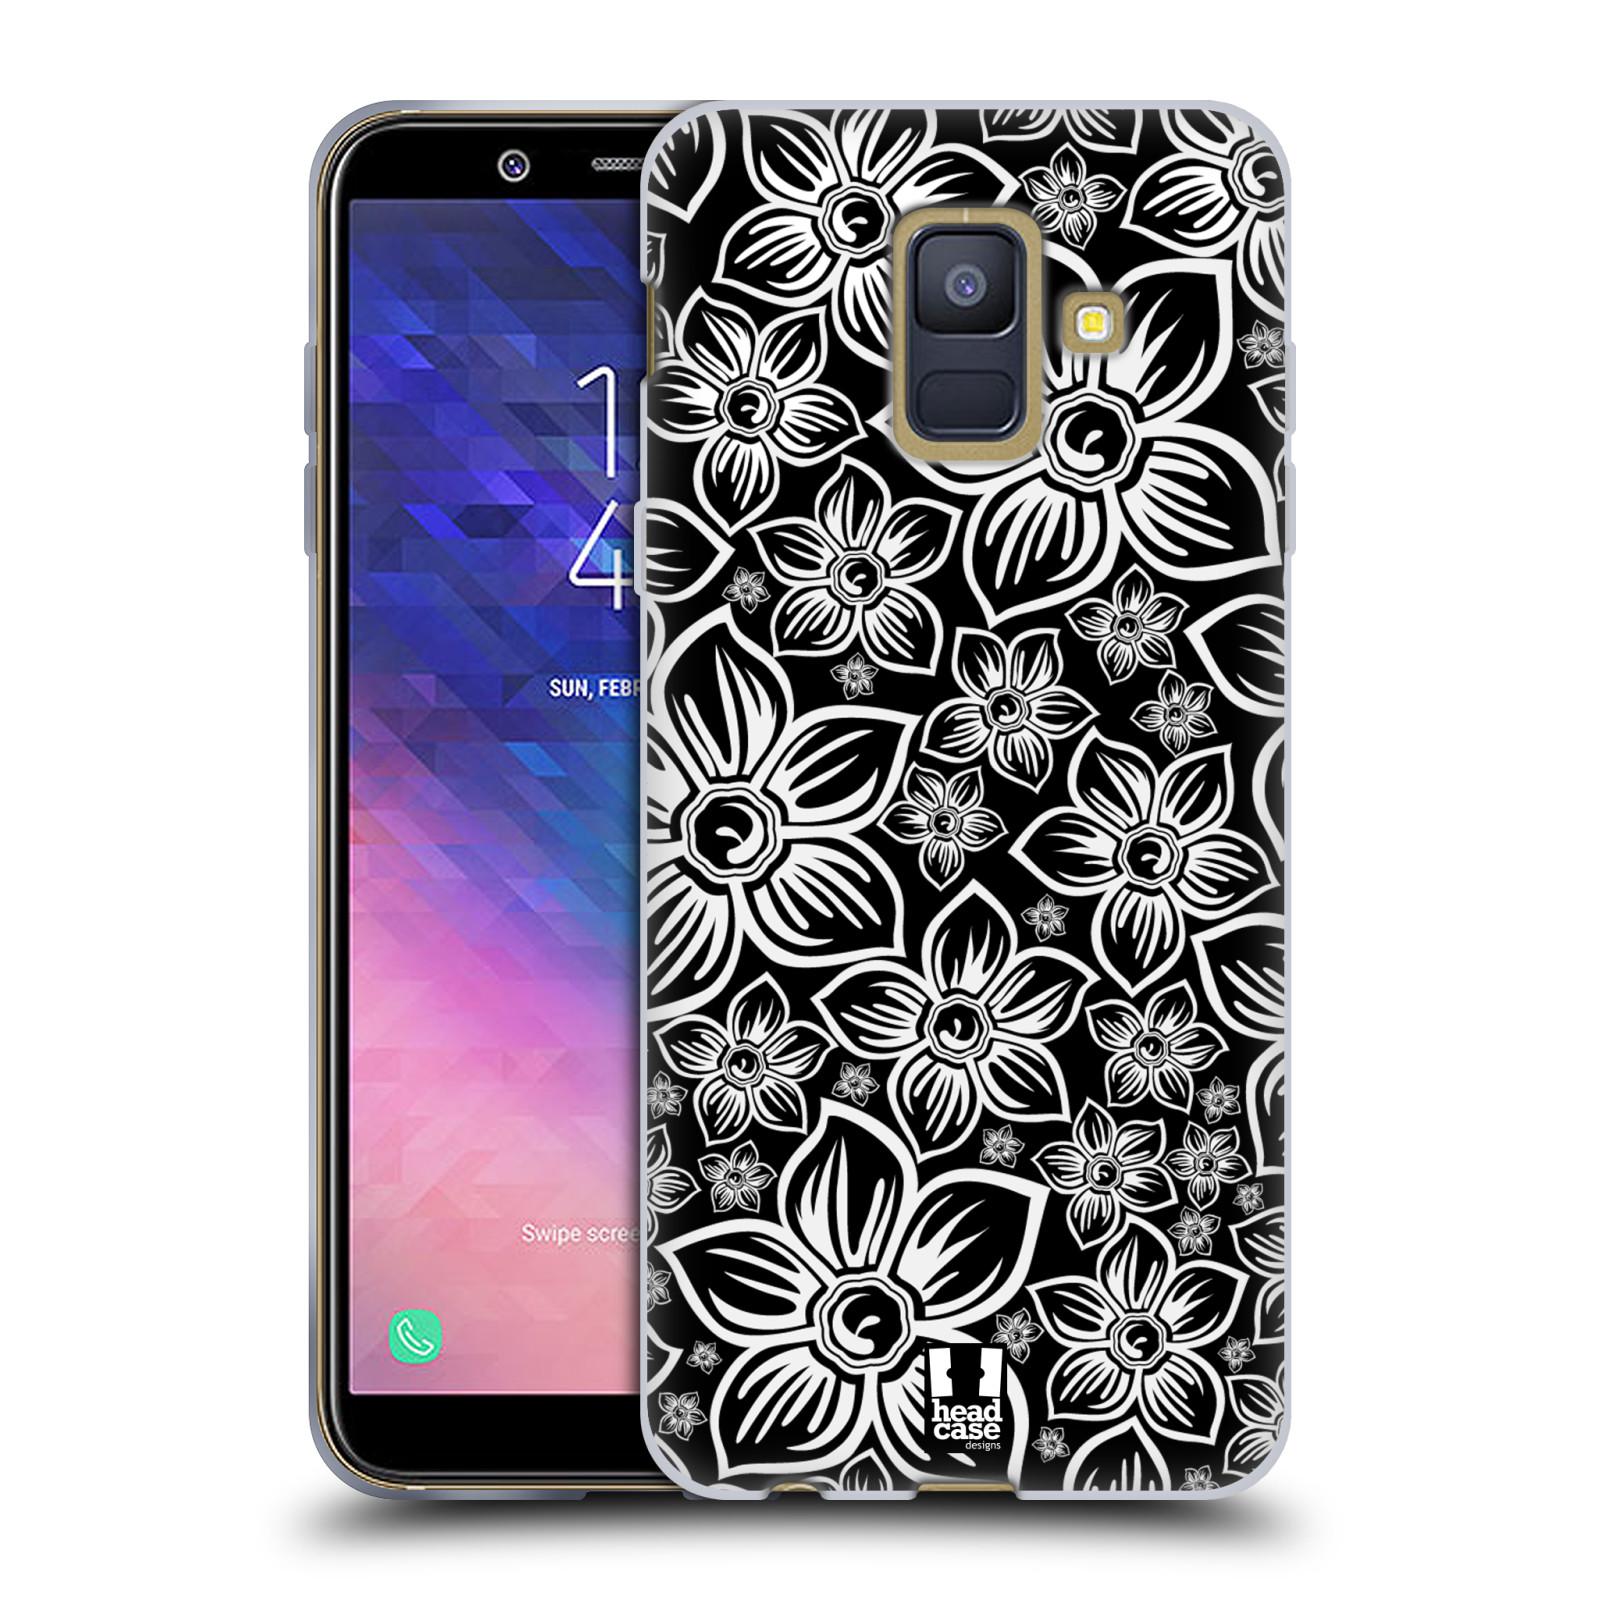 Silikonové pouzdro na mobil Samsung Galaxy A6 (2018) - Head Case - FLORAL DAISY